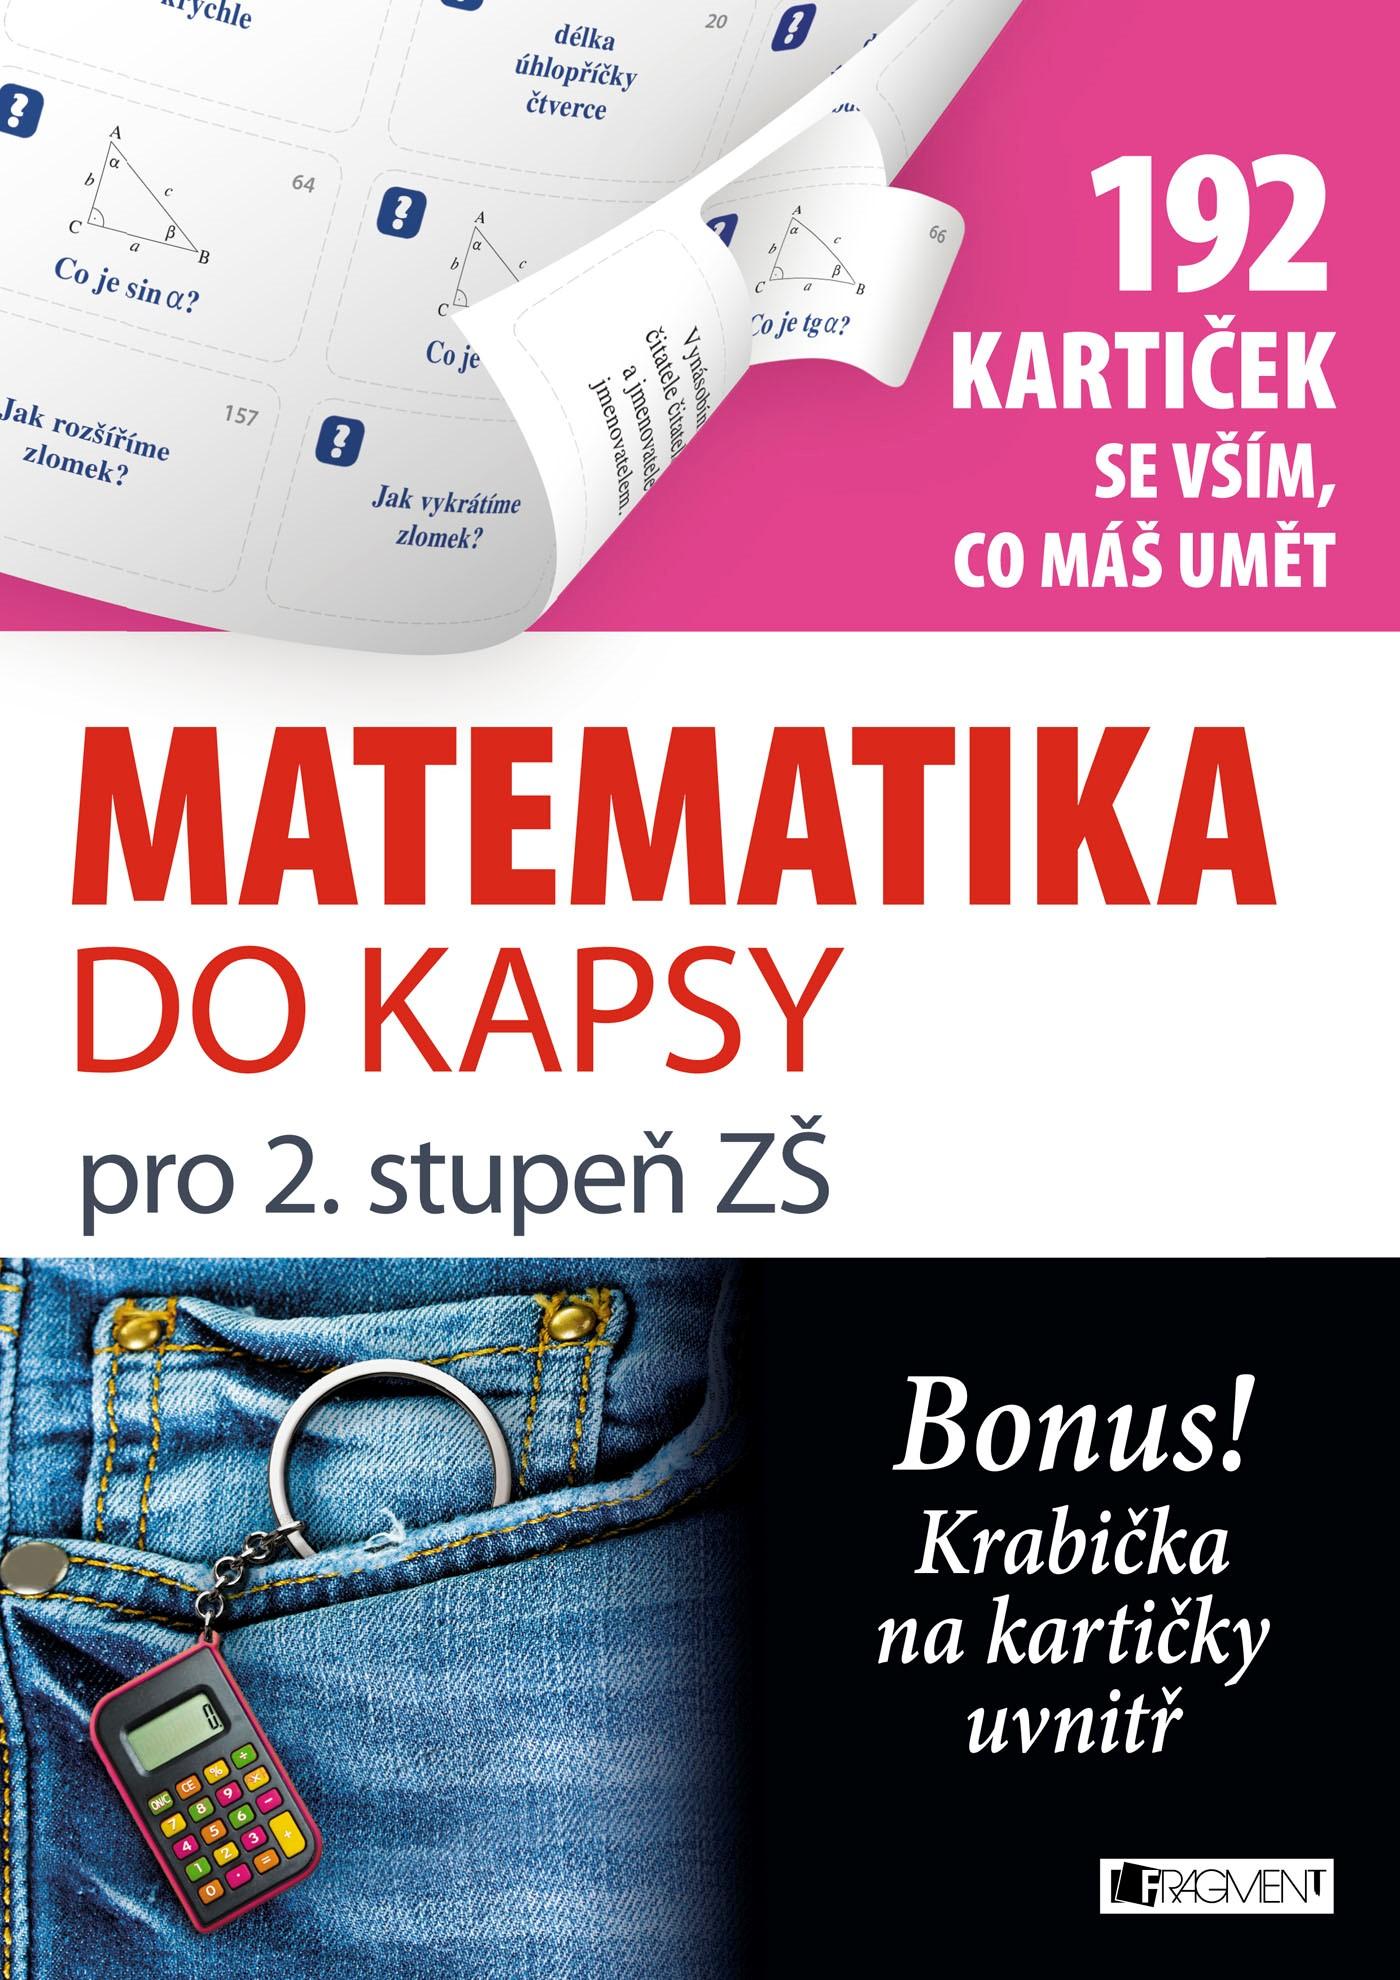 Matematika do kapsy pro 2. stup. ZŠ  (192 kartiček)